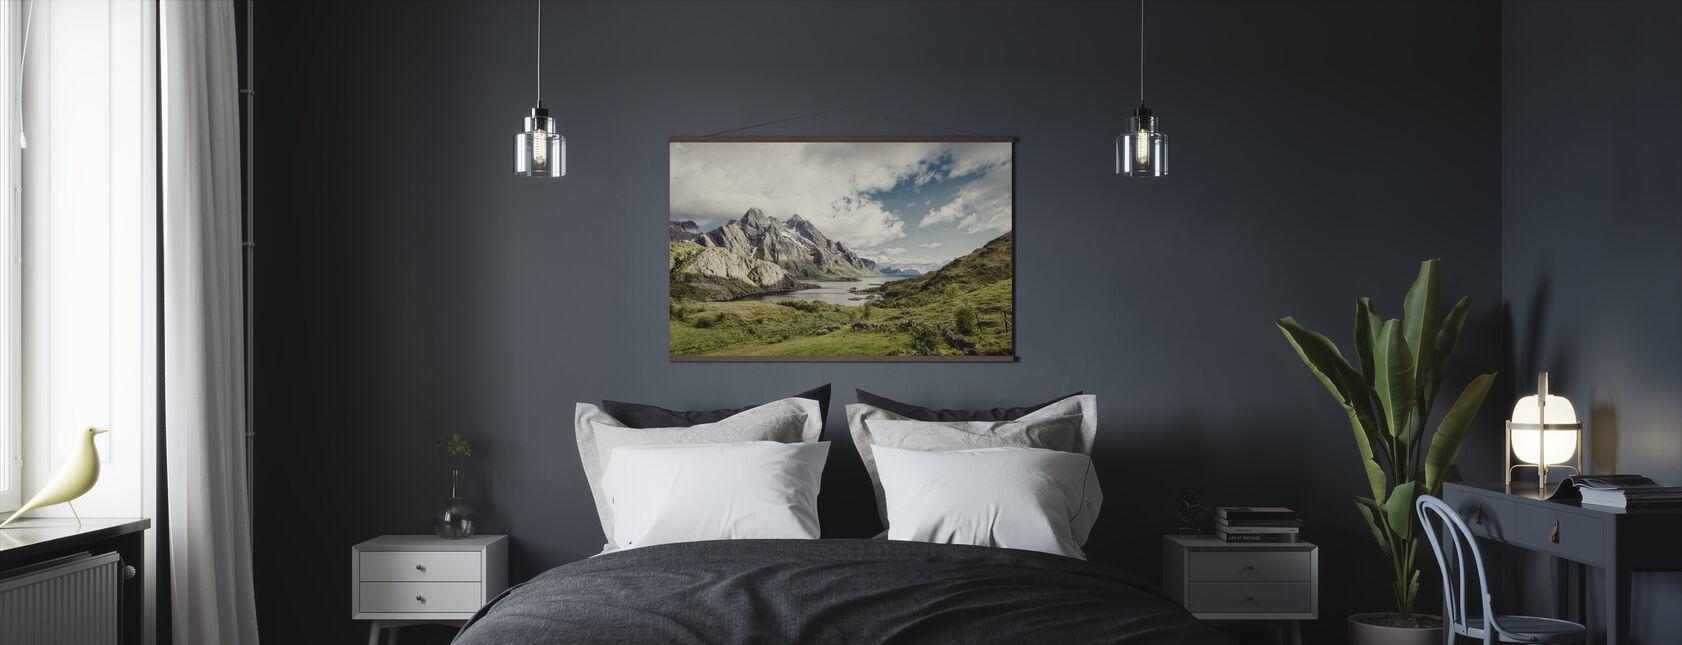 Himmeltindan, Norwegen - Poster - Schlafzimmer